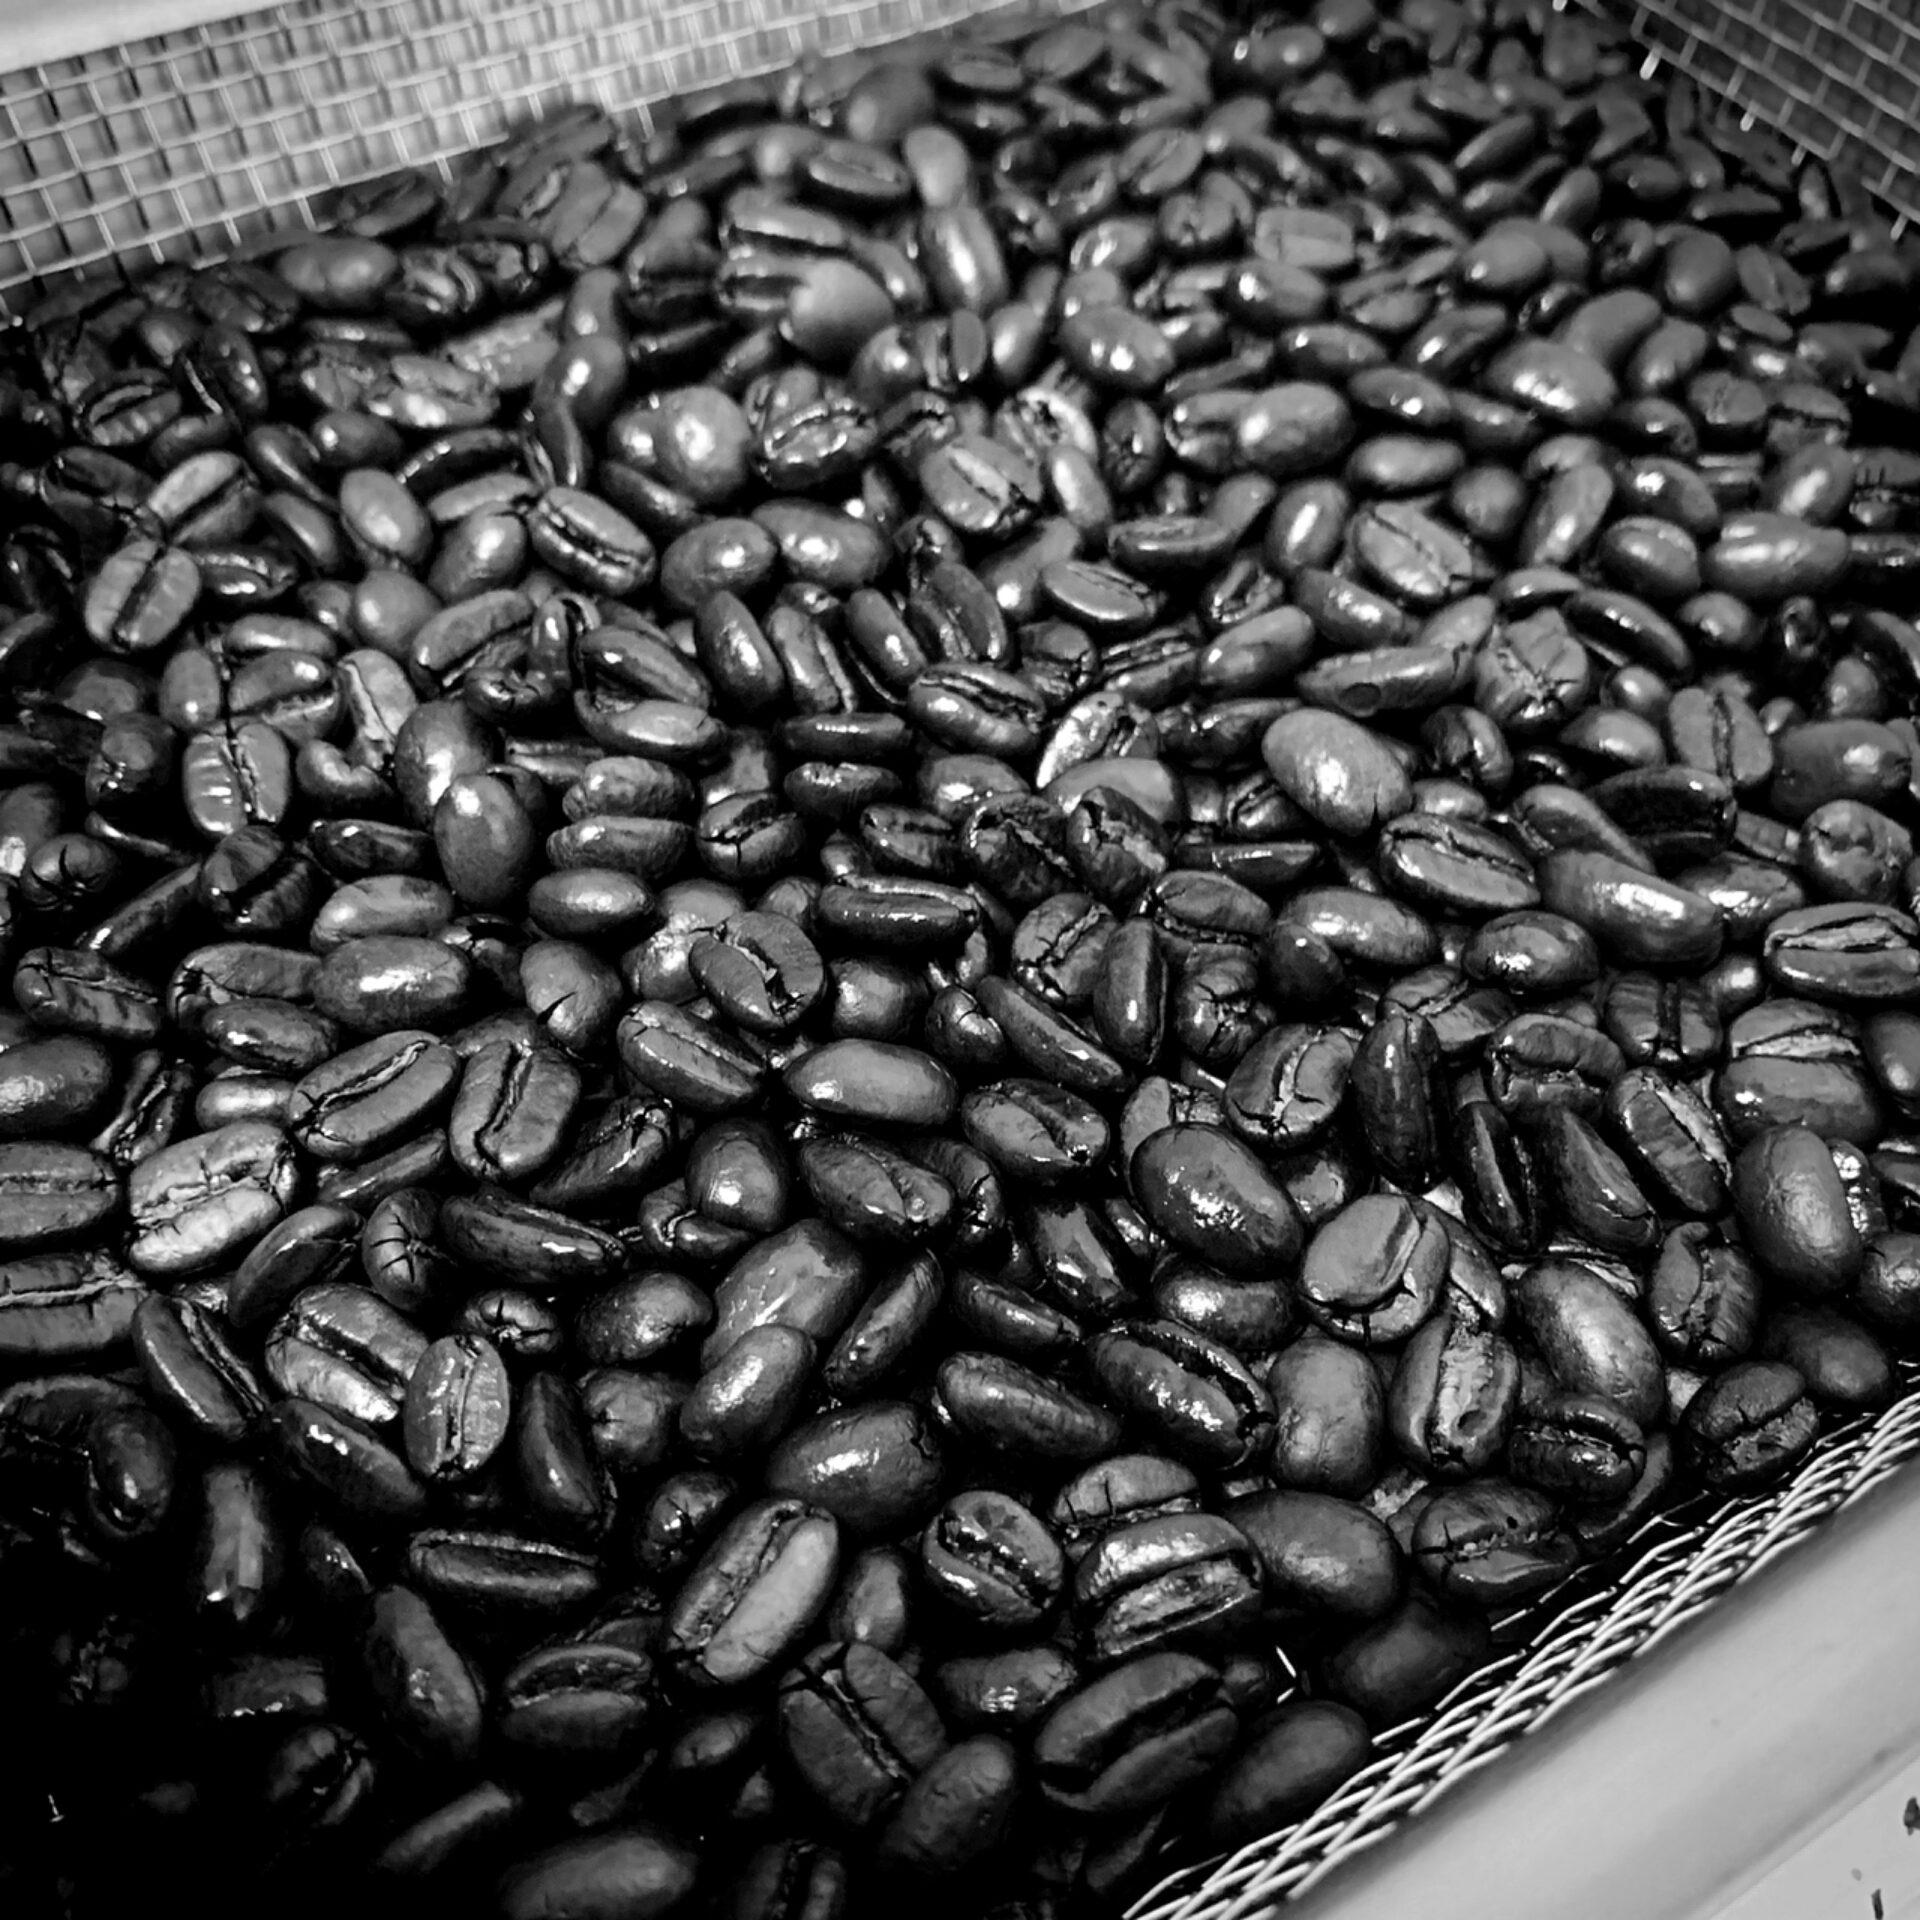 コーヒー豆 モノクロ